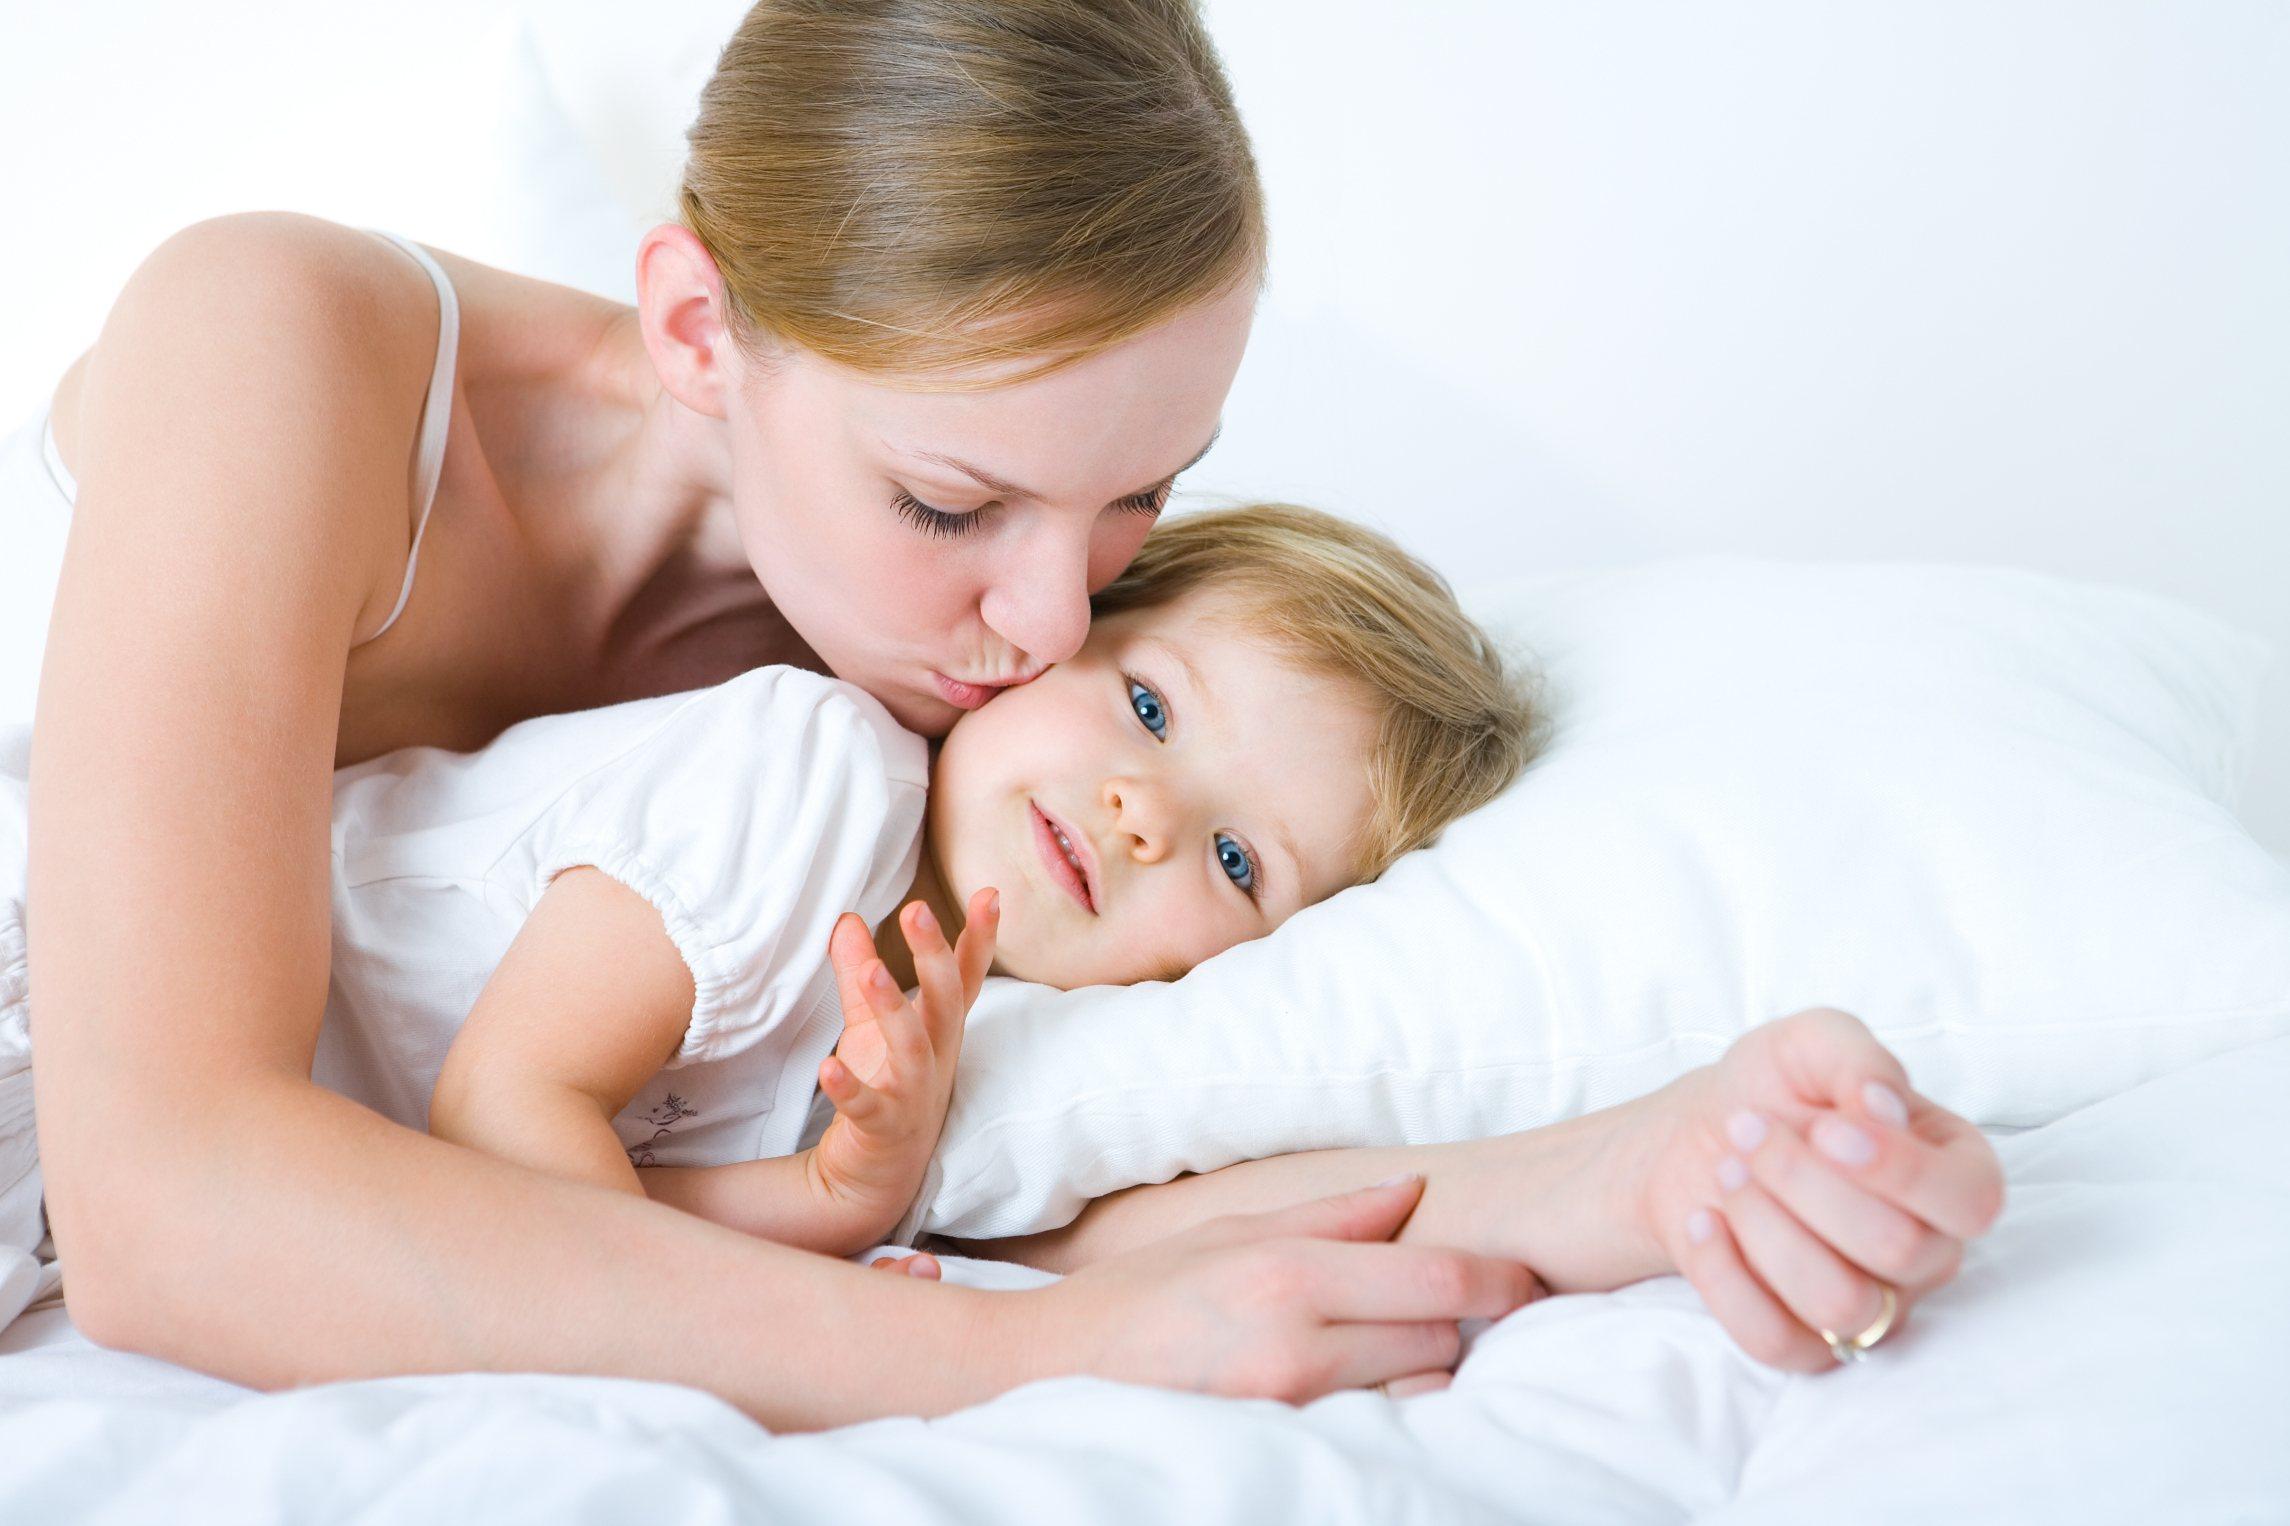 Сын и мать в hd 1 фотография